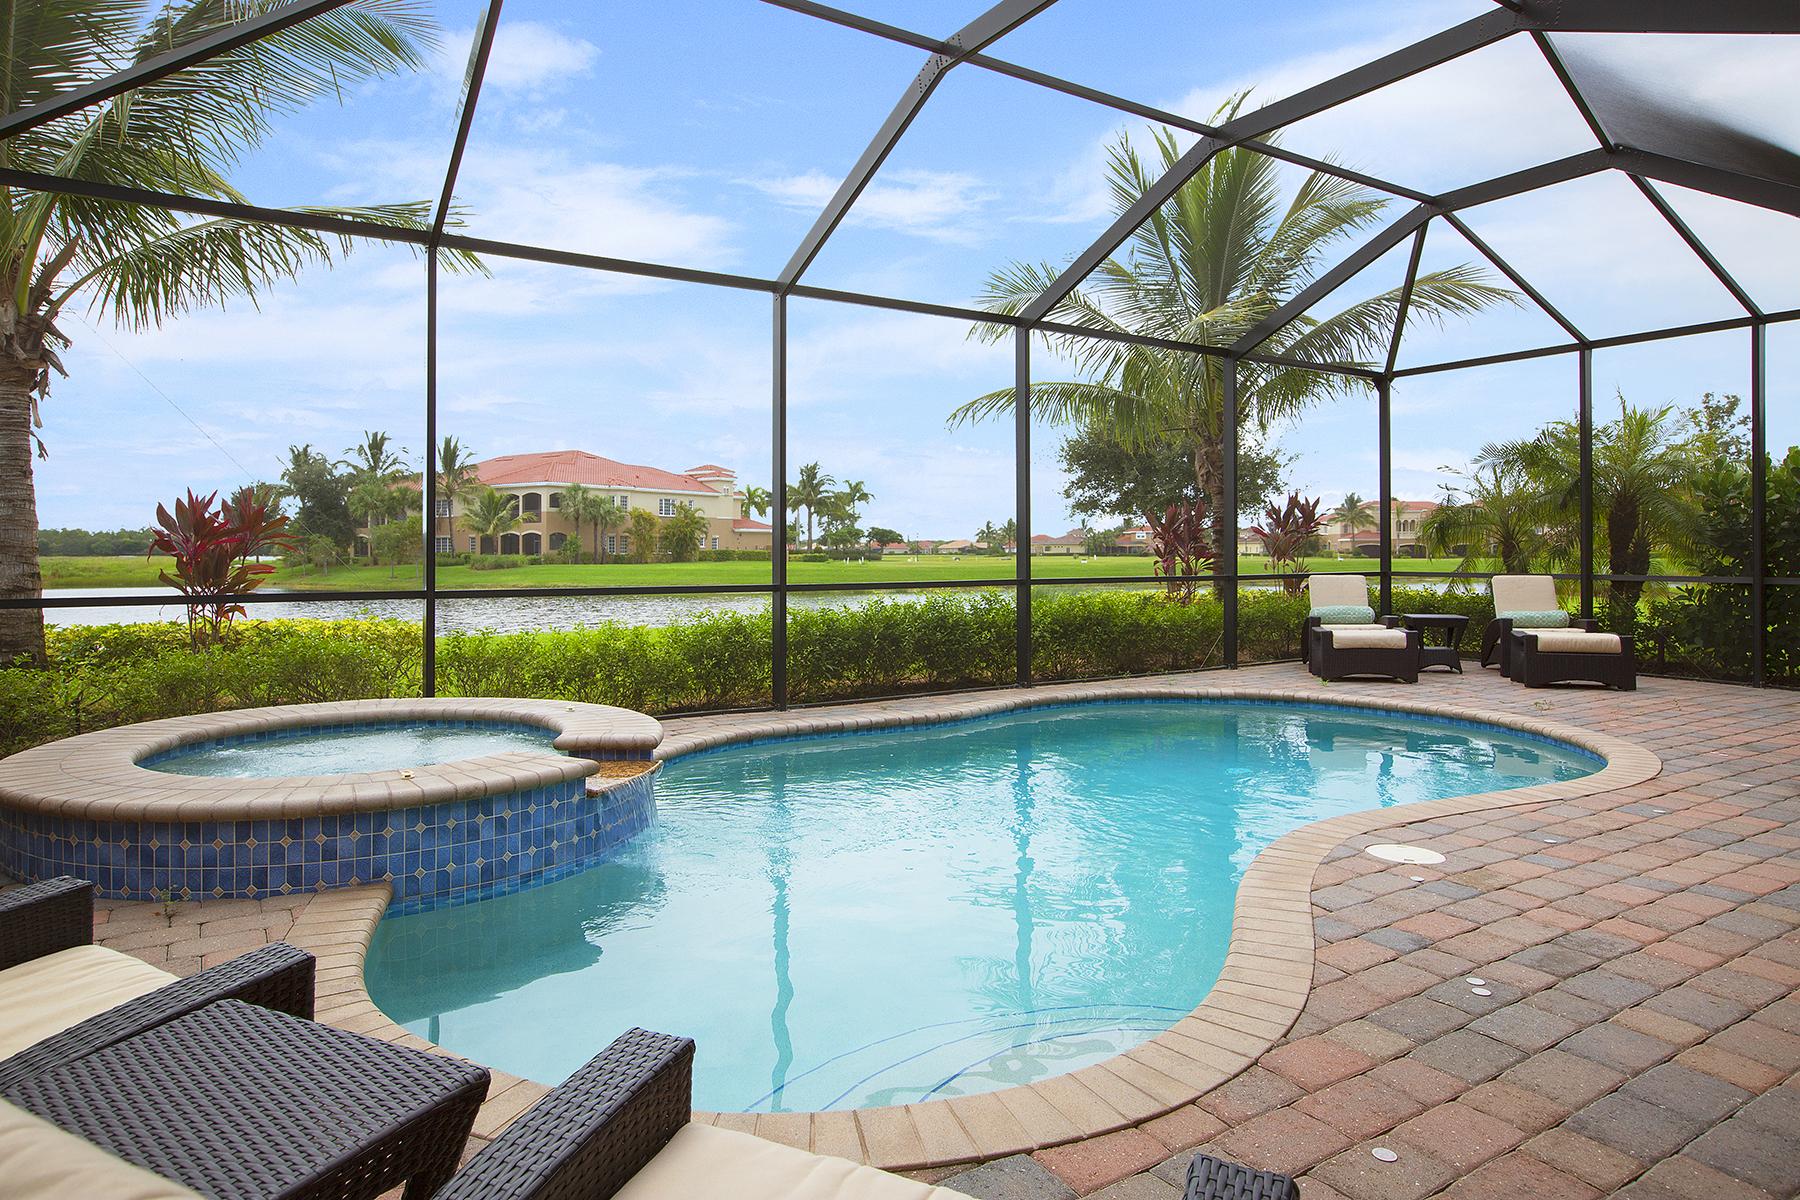 Einfamilienhaus für Verkauf beim FIDDLER'S CREEK - AMADOR 9189 Campanile Cir Naples, Florida, 34114 Vereinigte Staaten